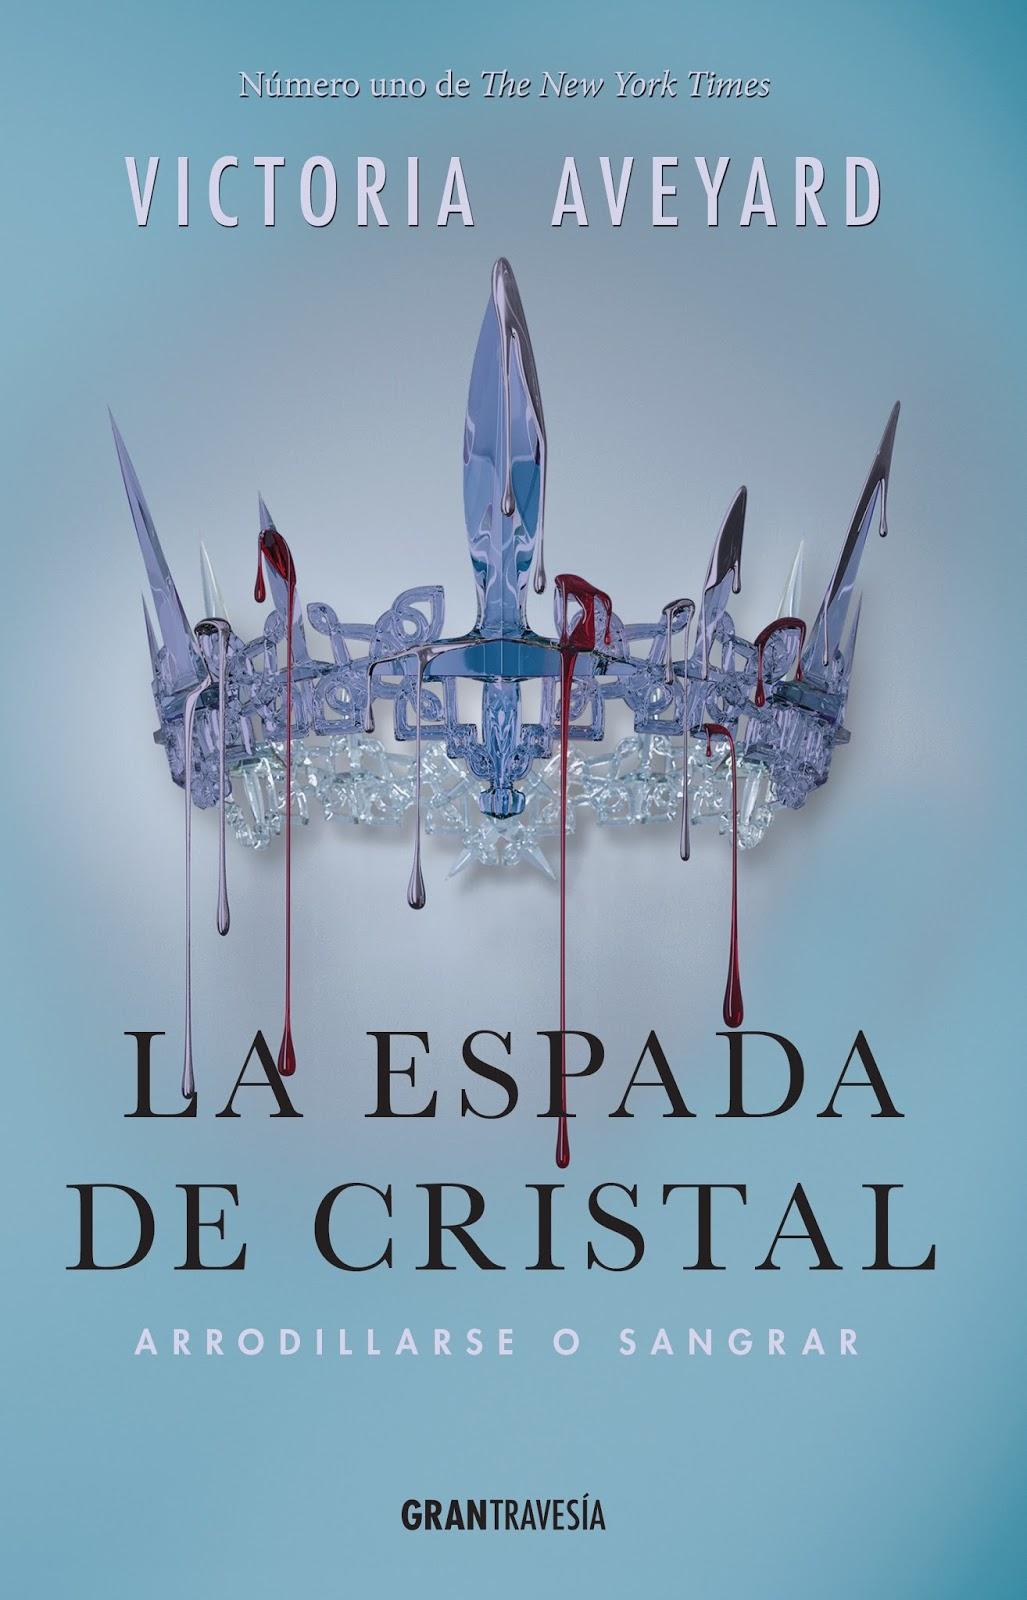 http://labibliotecadebella.blogspot.com.es/2017/01/la-espada-de-cristal-victoria-aveyard.html